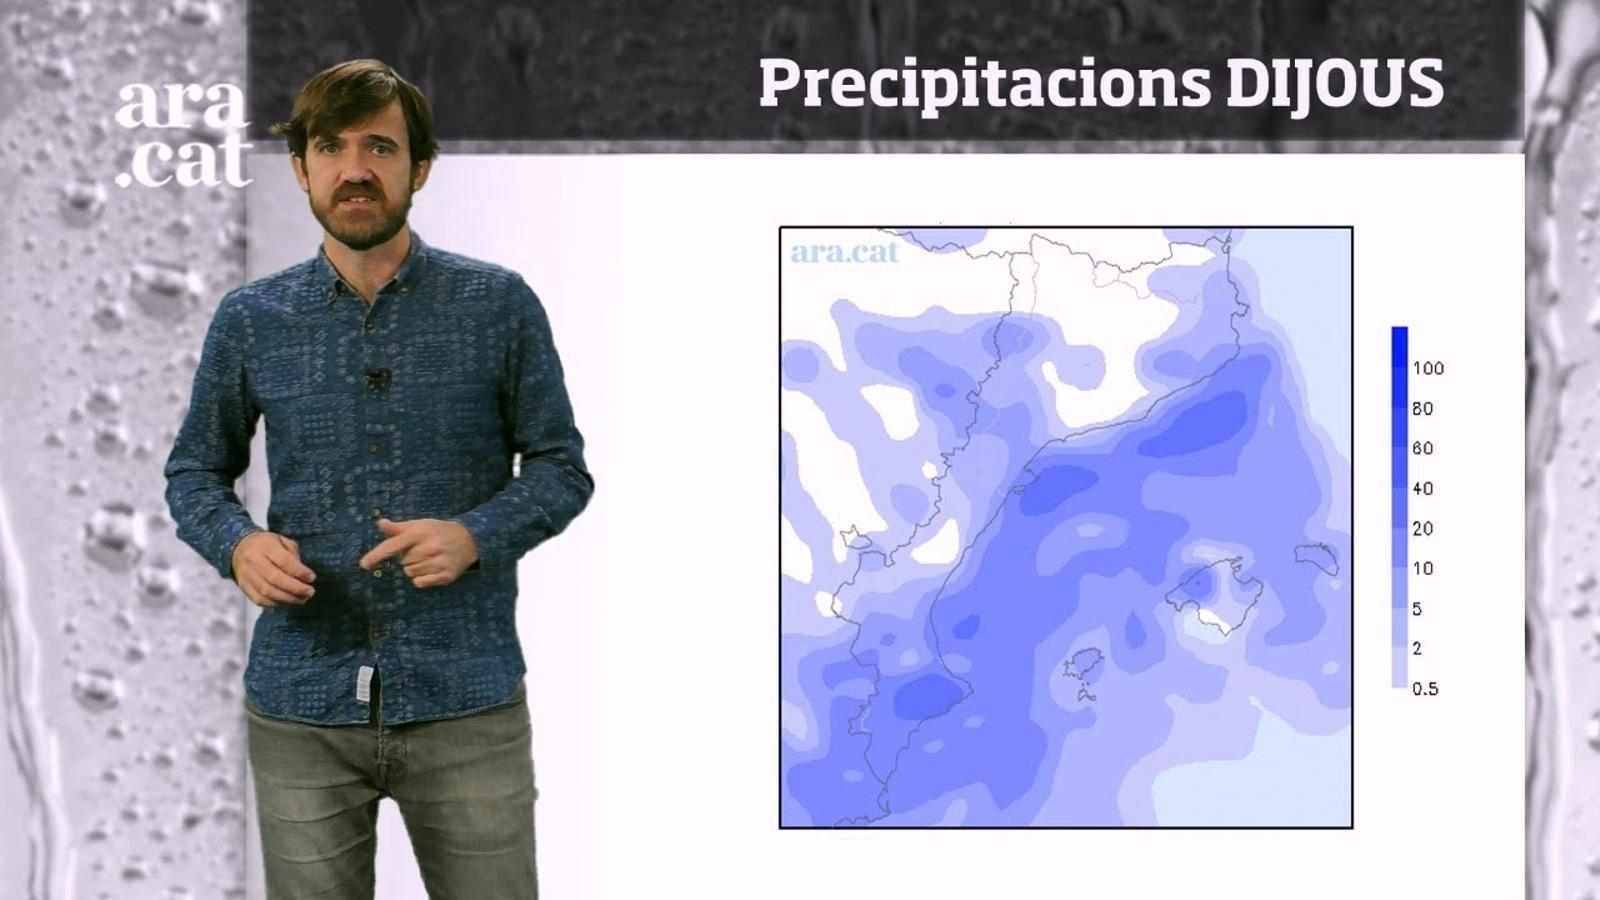 La méteo en 1 minut: el risc de pluja augmentarà entre dimecres i dijous